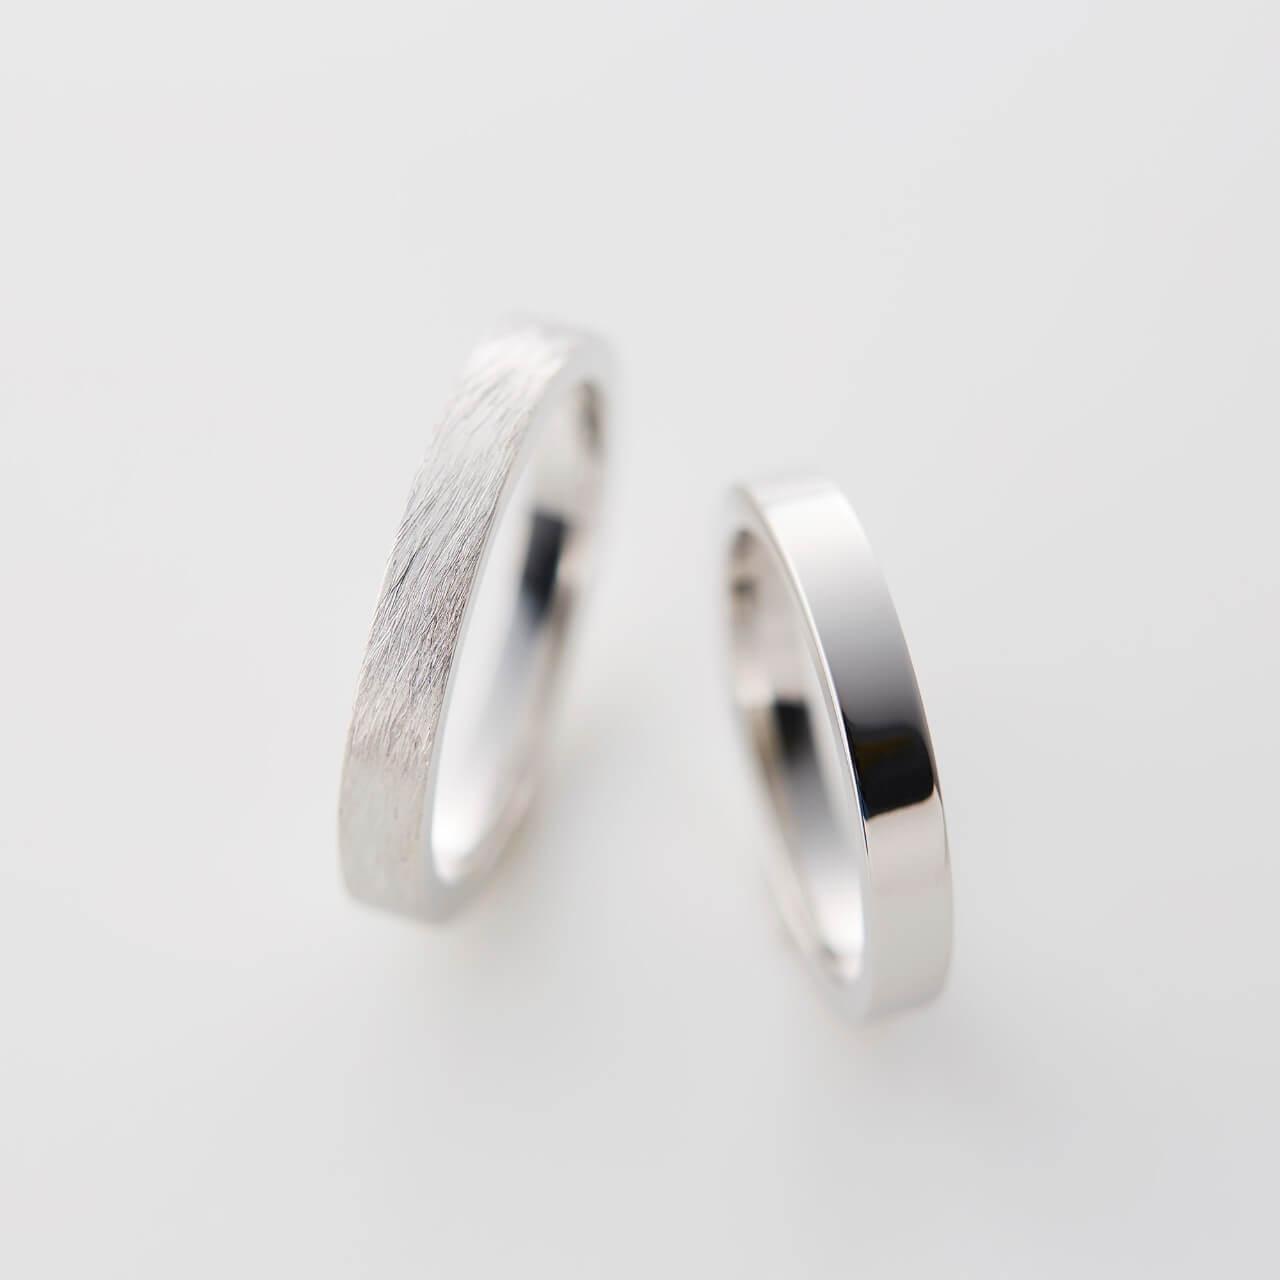 平打ちストレートのプラチナの結婚指輪